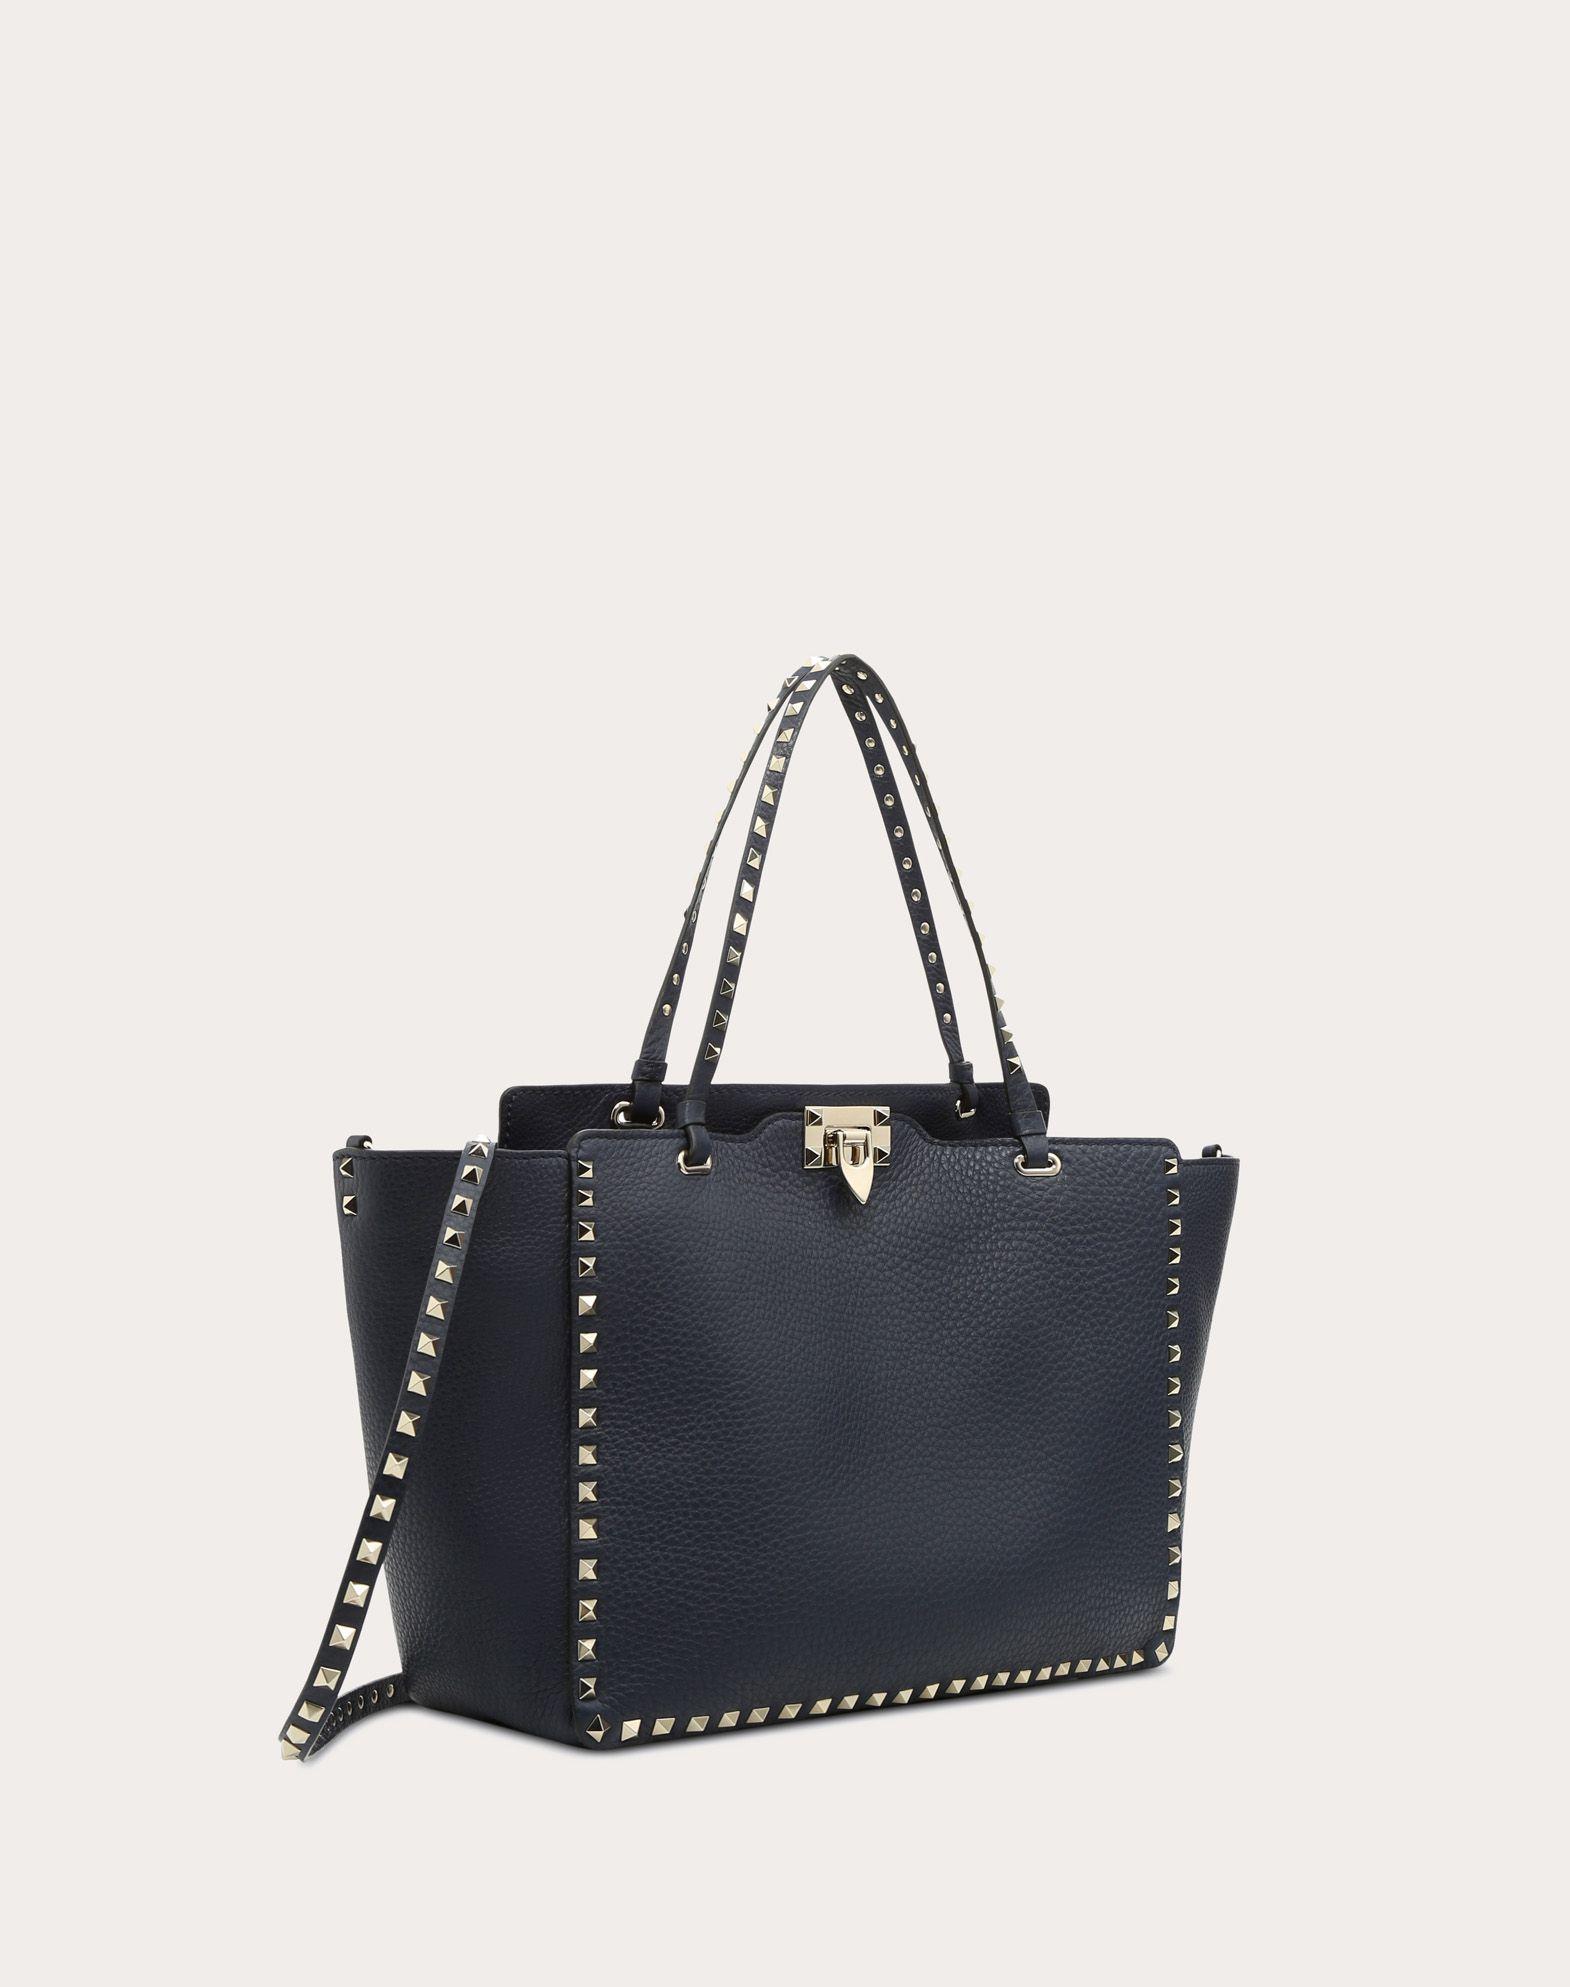 Le Magasin Rabais Exclusif Valentino Valentino Femme Sac À Bandoulière-cuir  Texturé Imprimé Clouté Noir 8b71aeddb5d